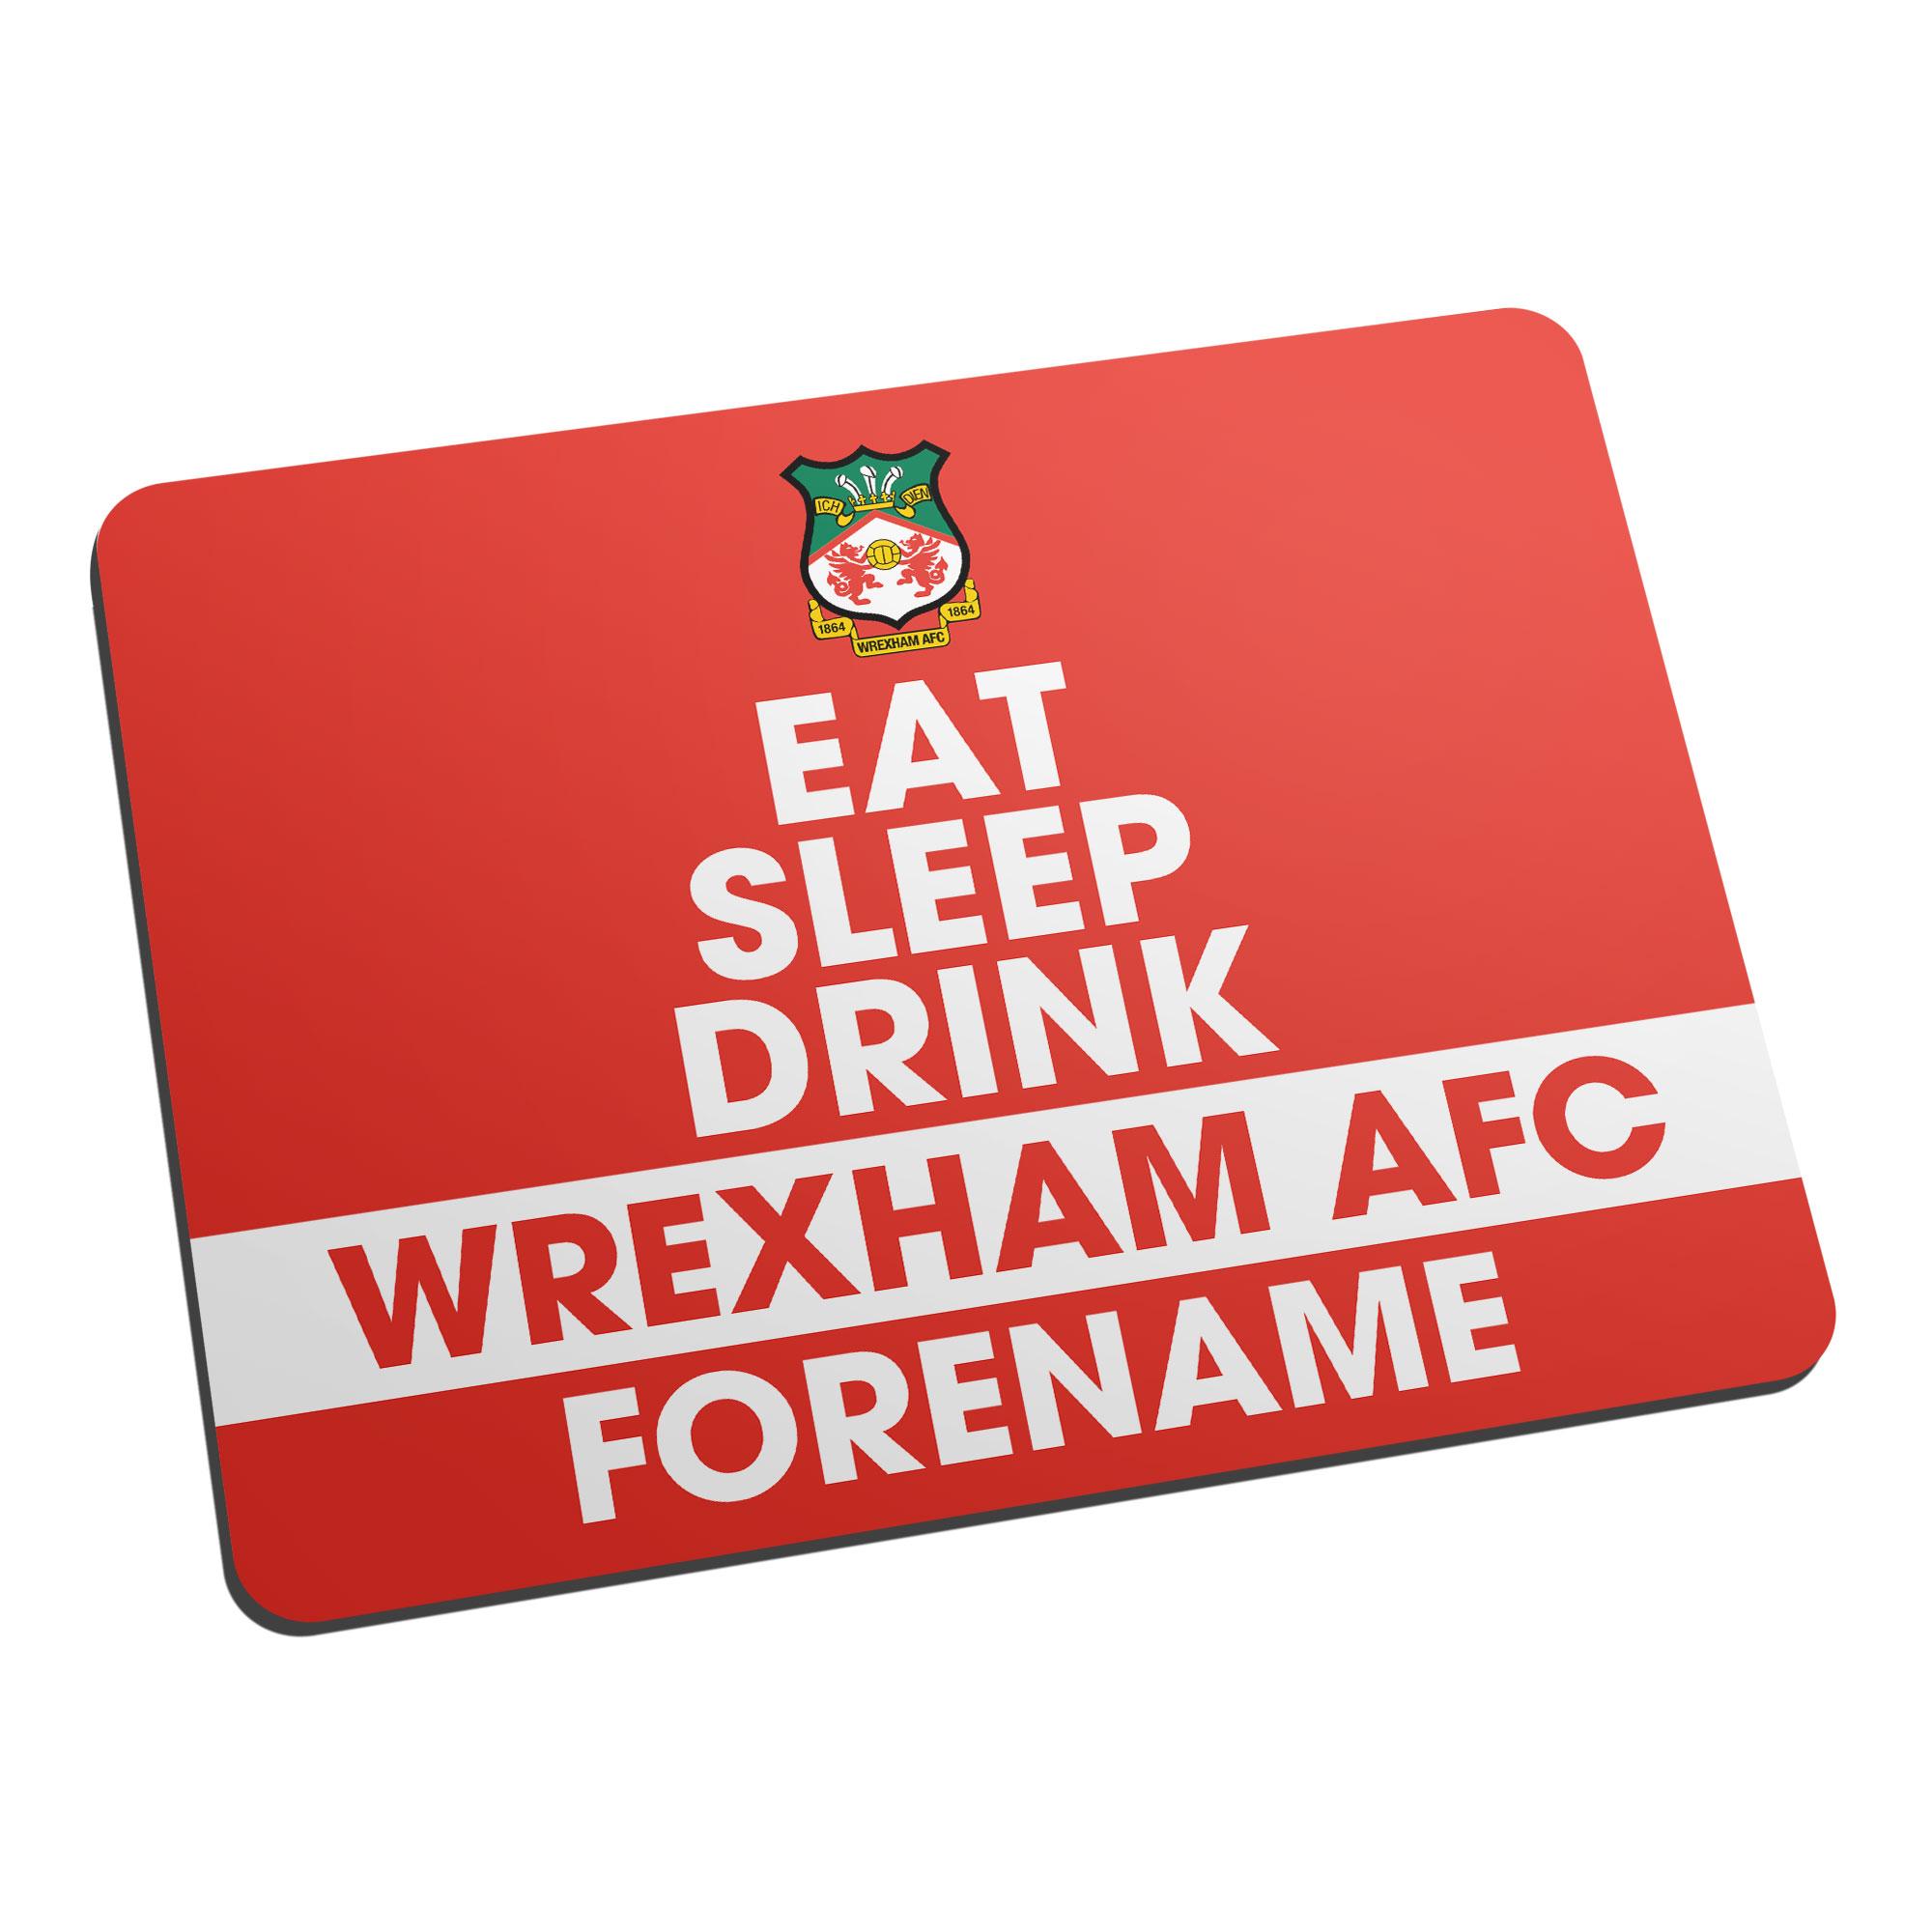 Wrexham AFC Eat Sleep Drink Mouse Mat